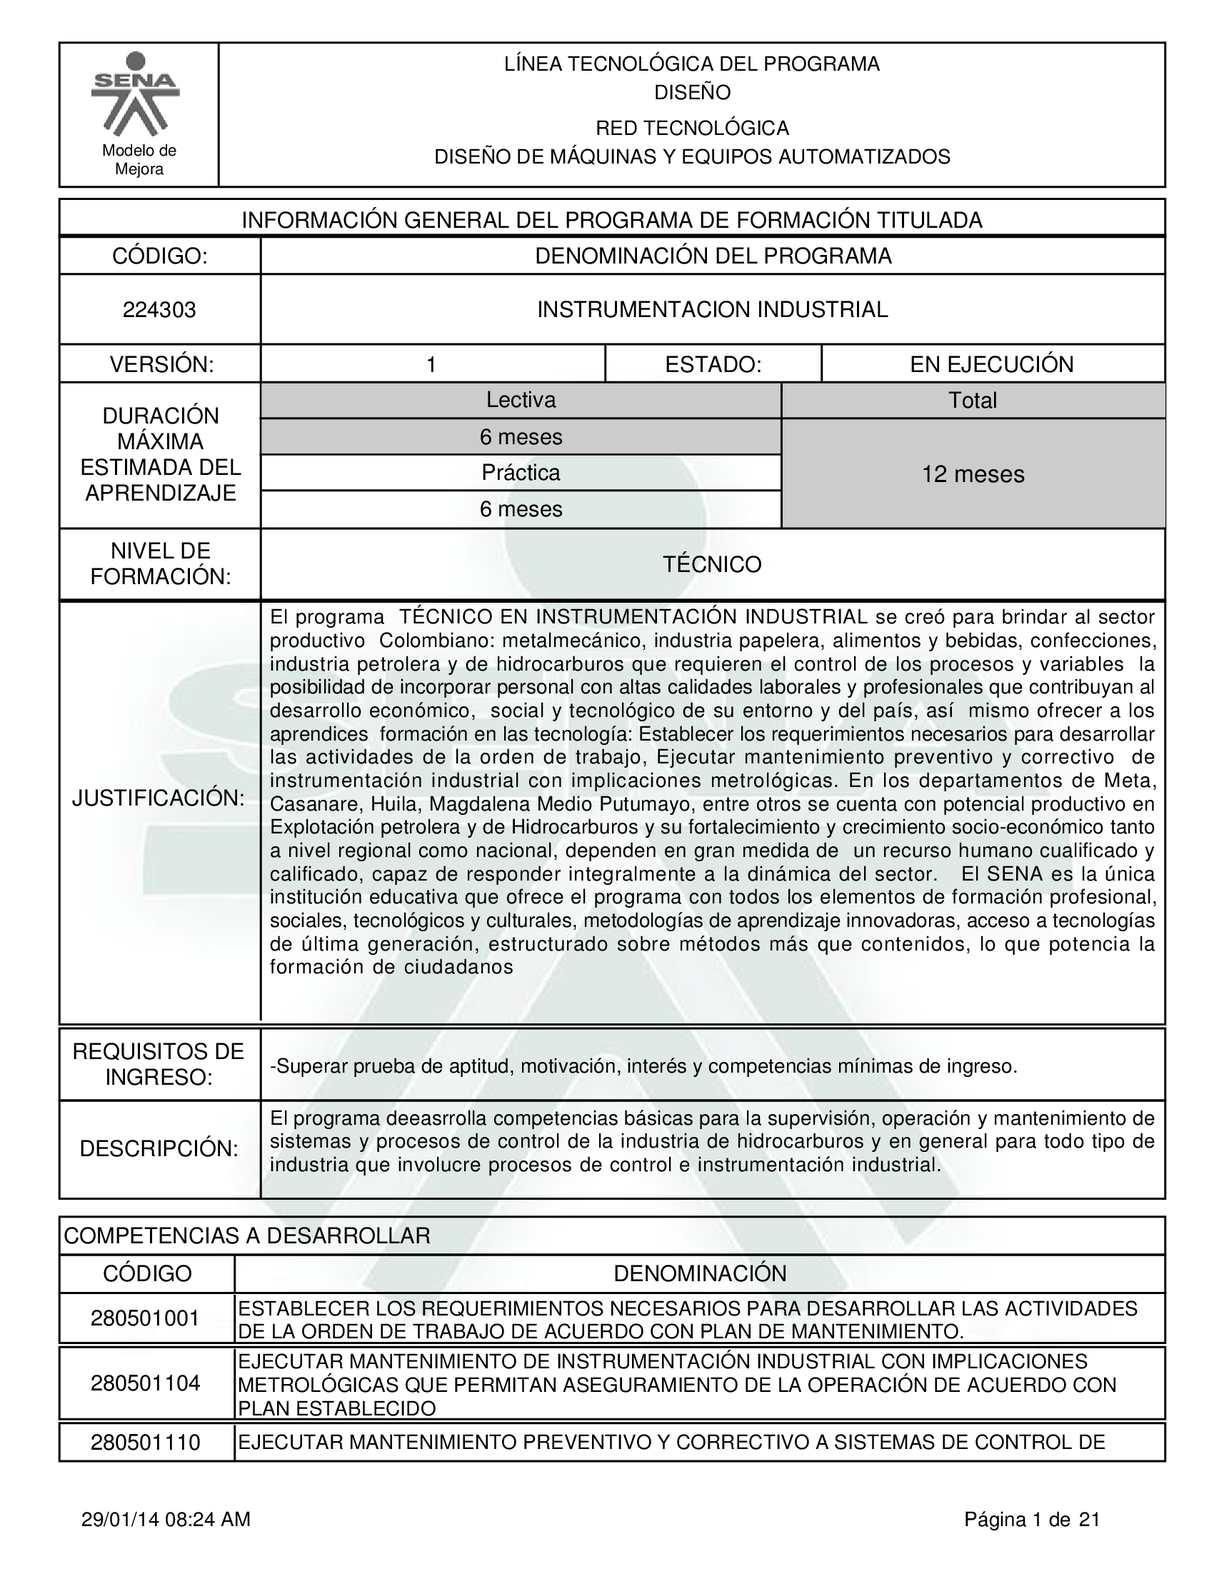 Calaméo - TÉCNICO EN INSTRUMENTACIÓN INDUSTRIAL